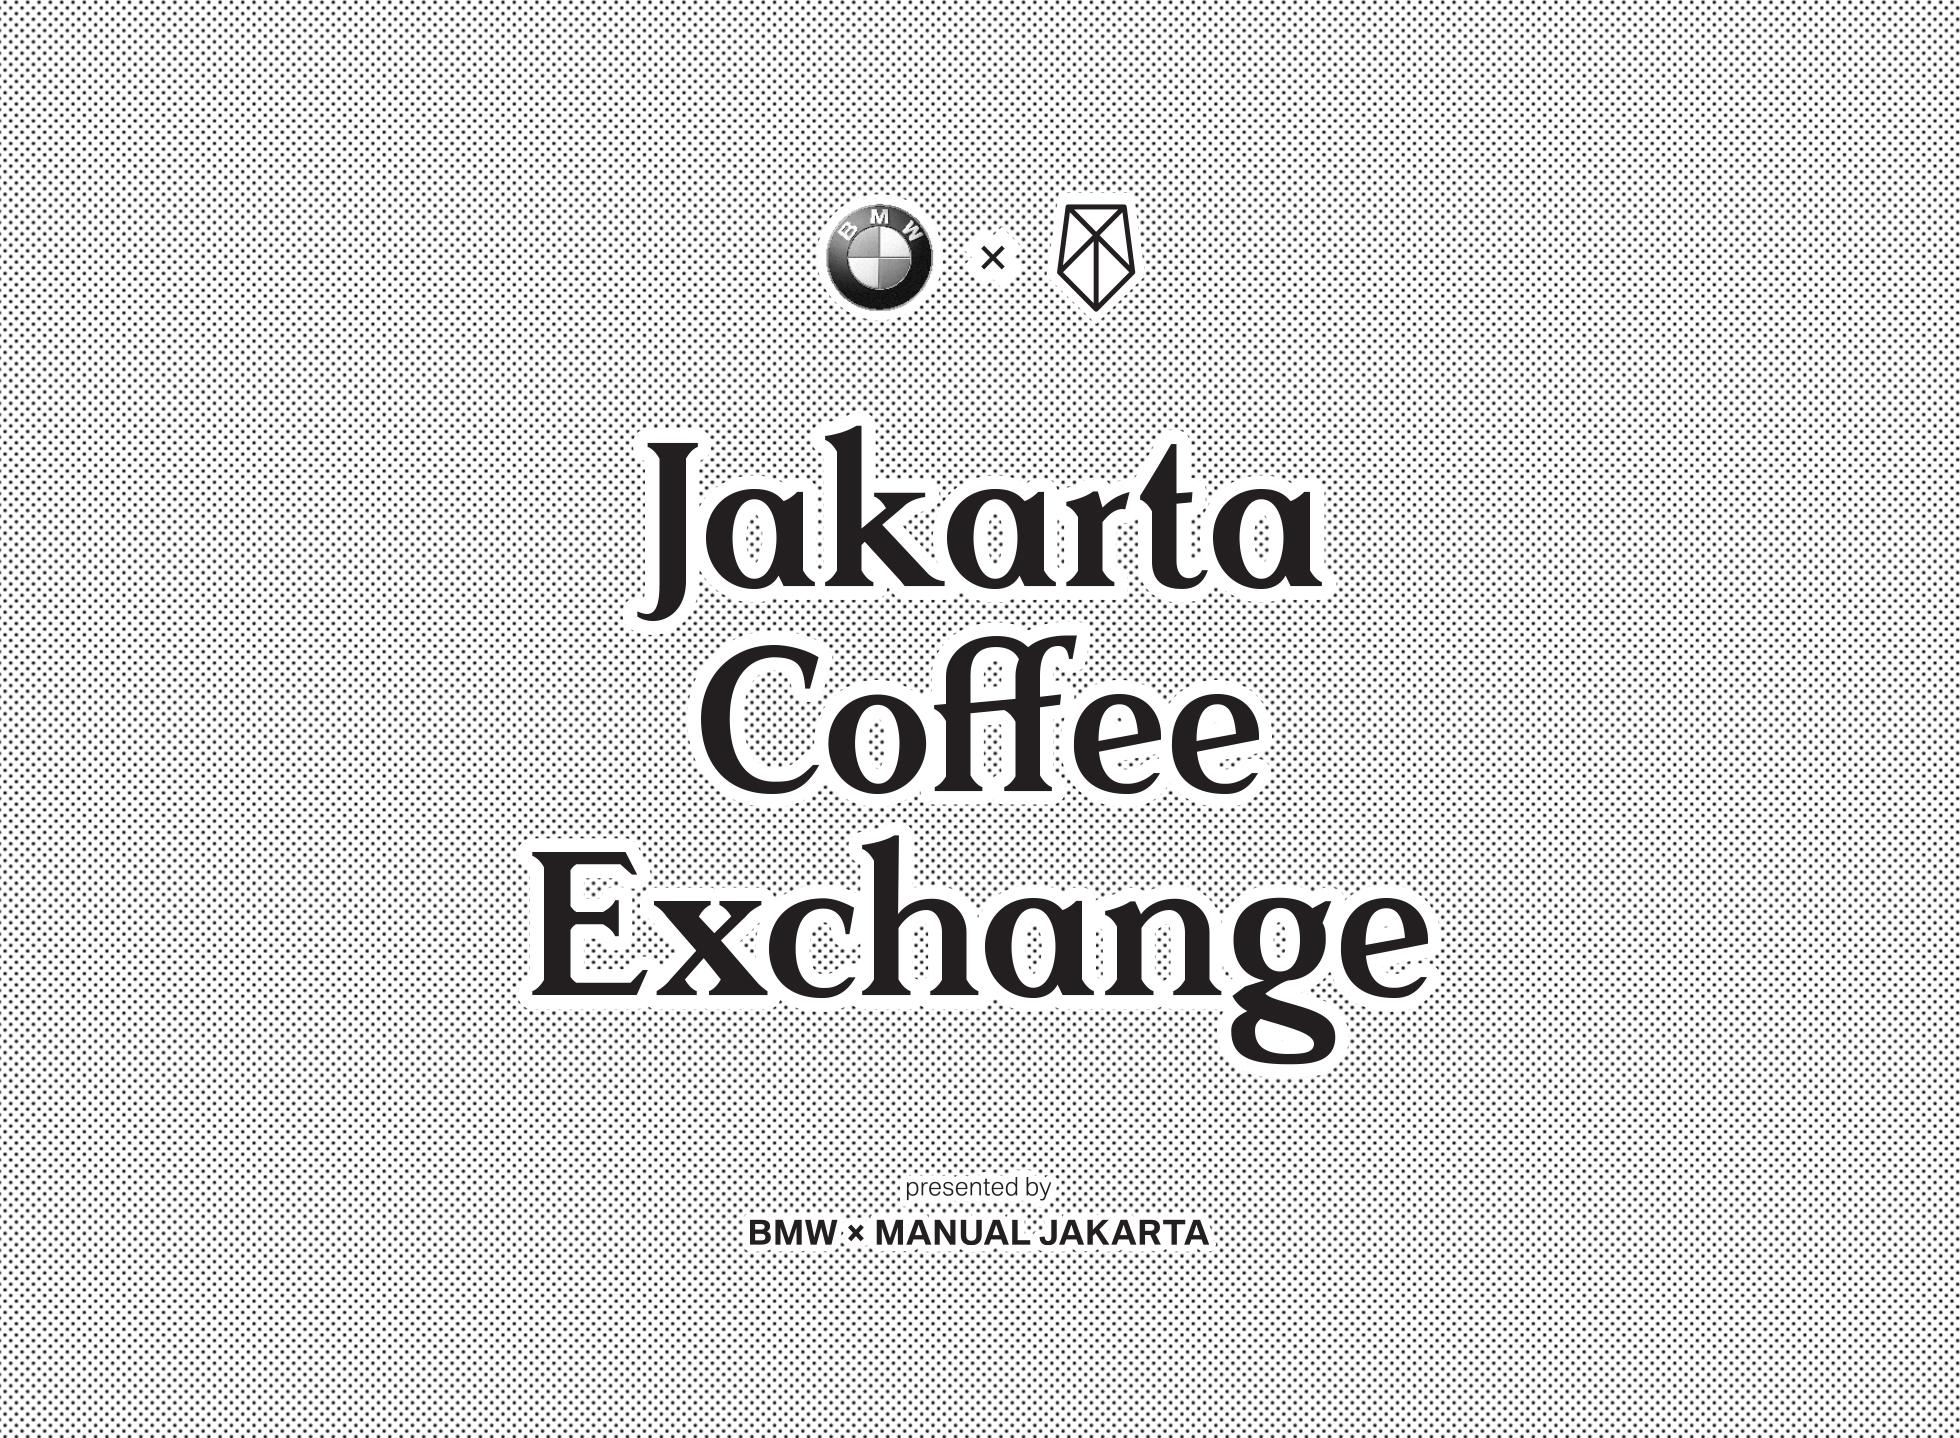 Jakarta Coffee Exchange: BMW Indonesia x Manual Jakarta